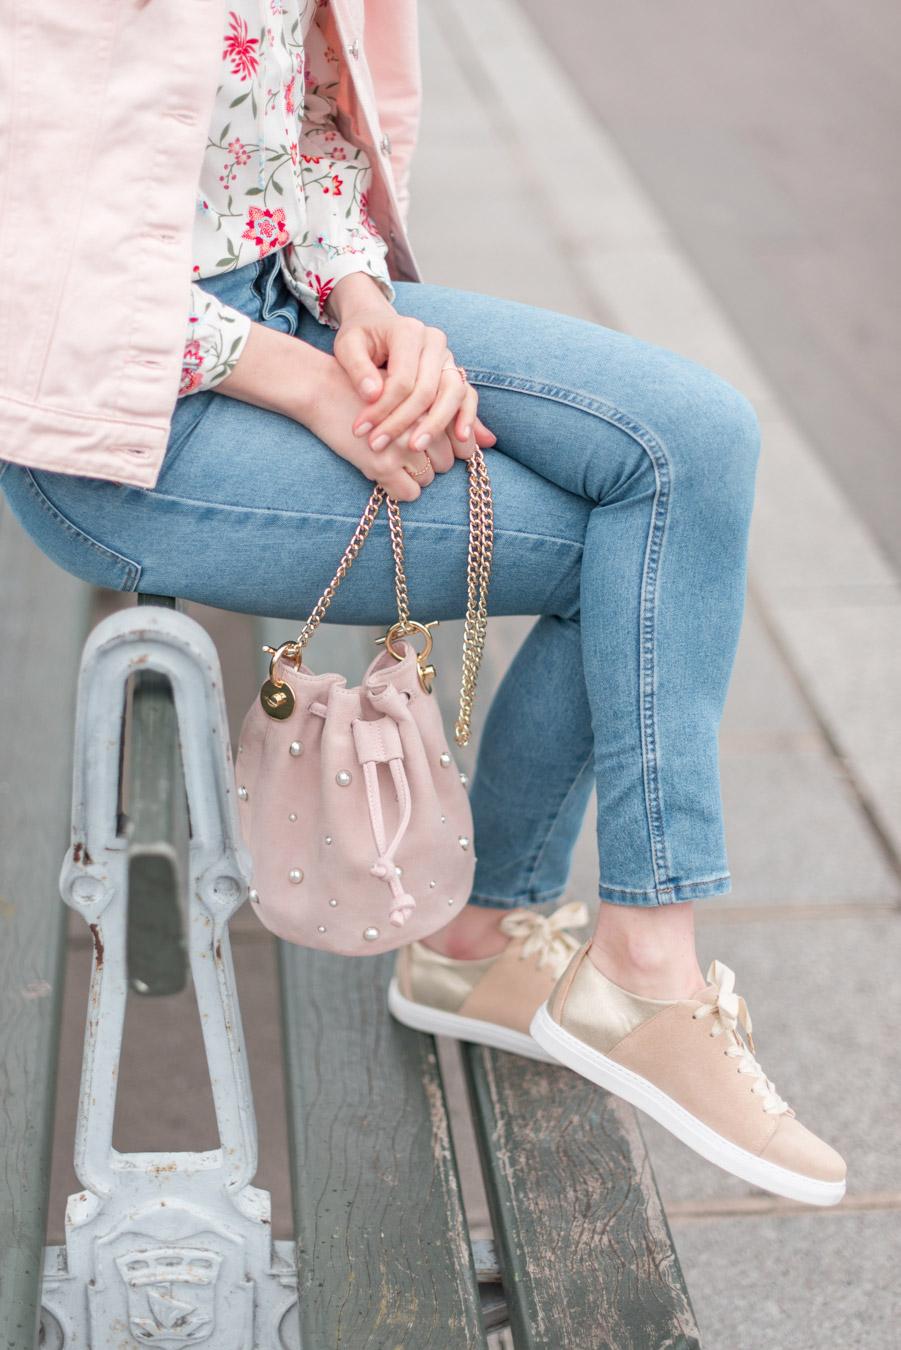 Blog-Mode-And-The-City-Looks-La-veste-en-jean-rose-parfaite-4